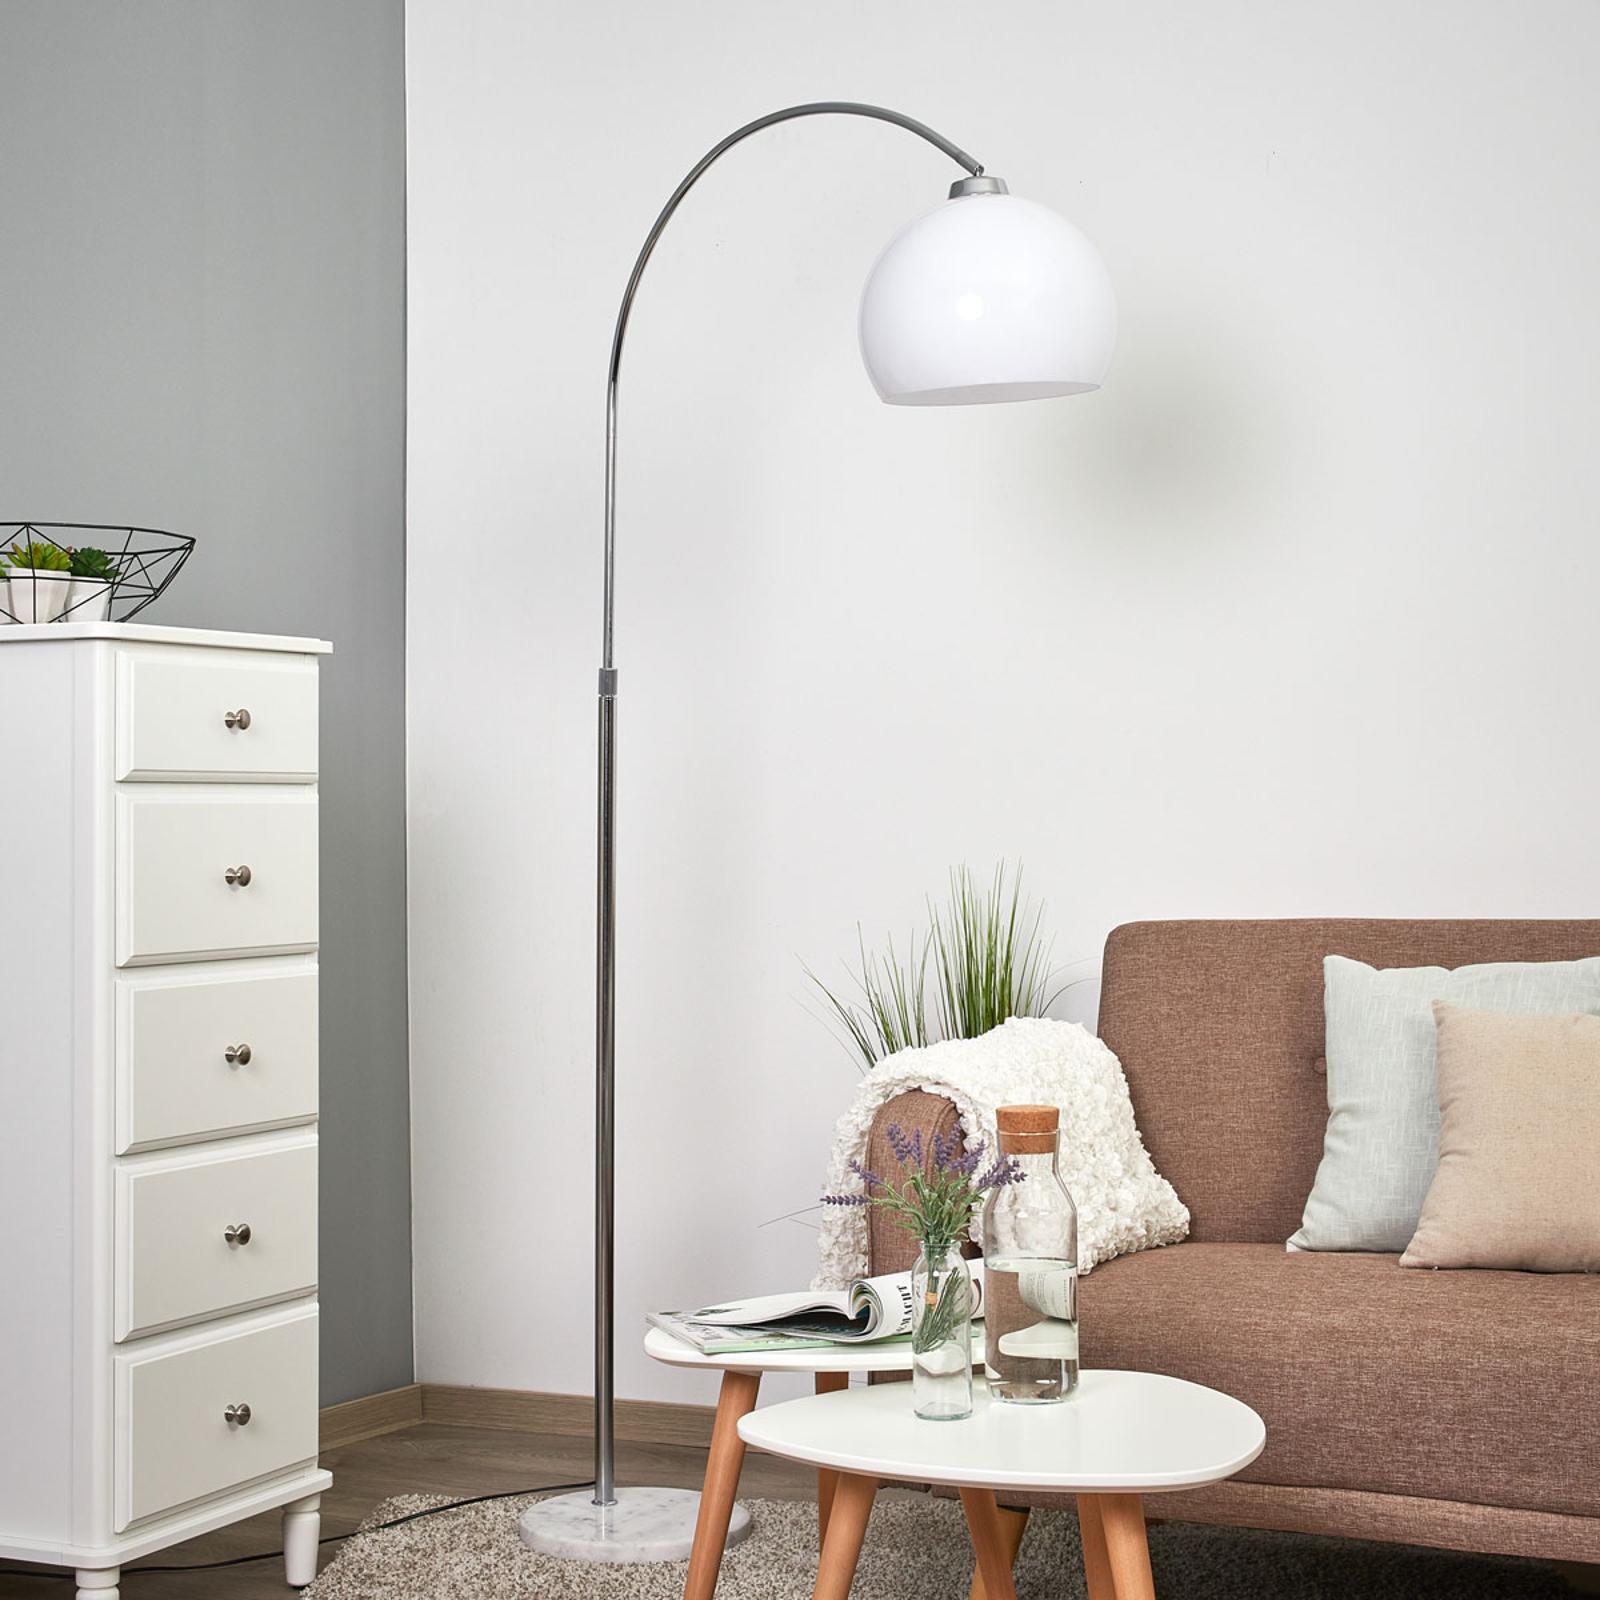 Lampada Sveri con base di marmo e schermo bianco